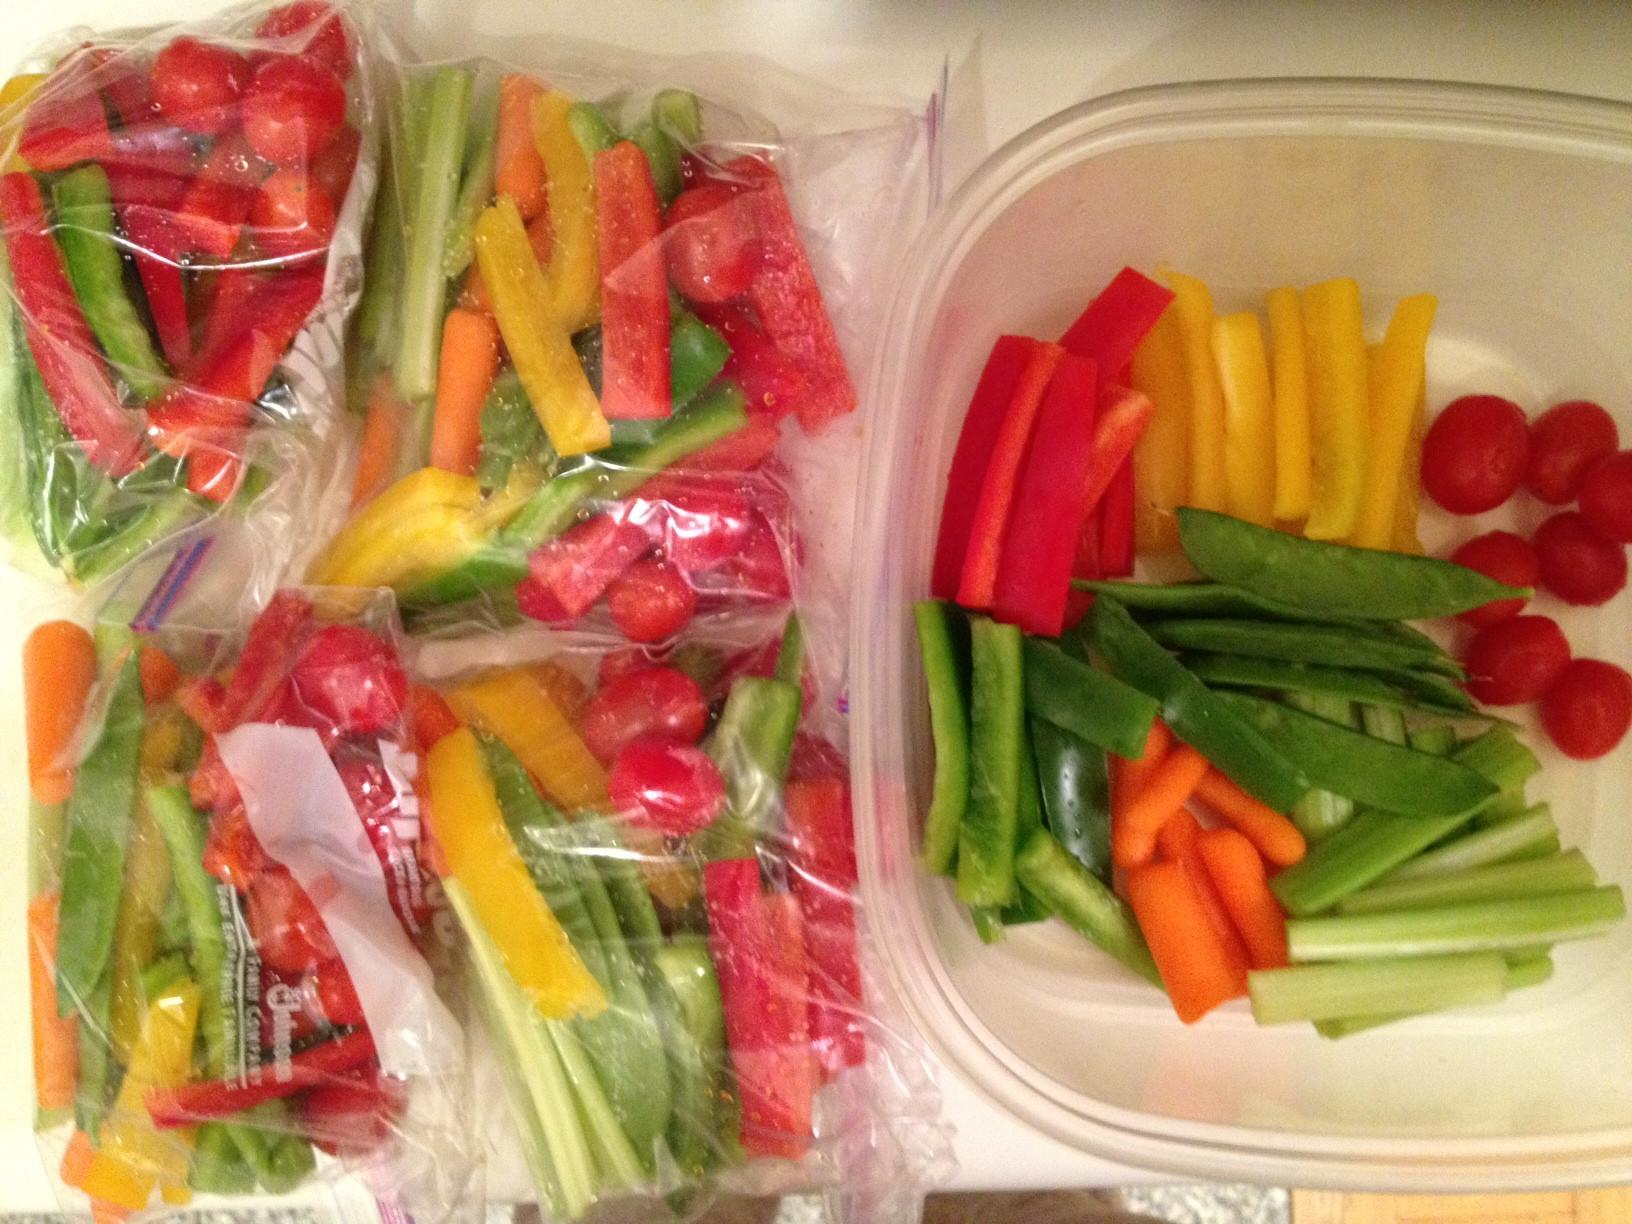 Healthy Vegetable Snacks  snack